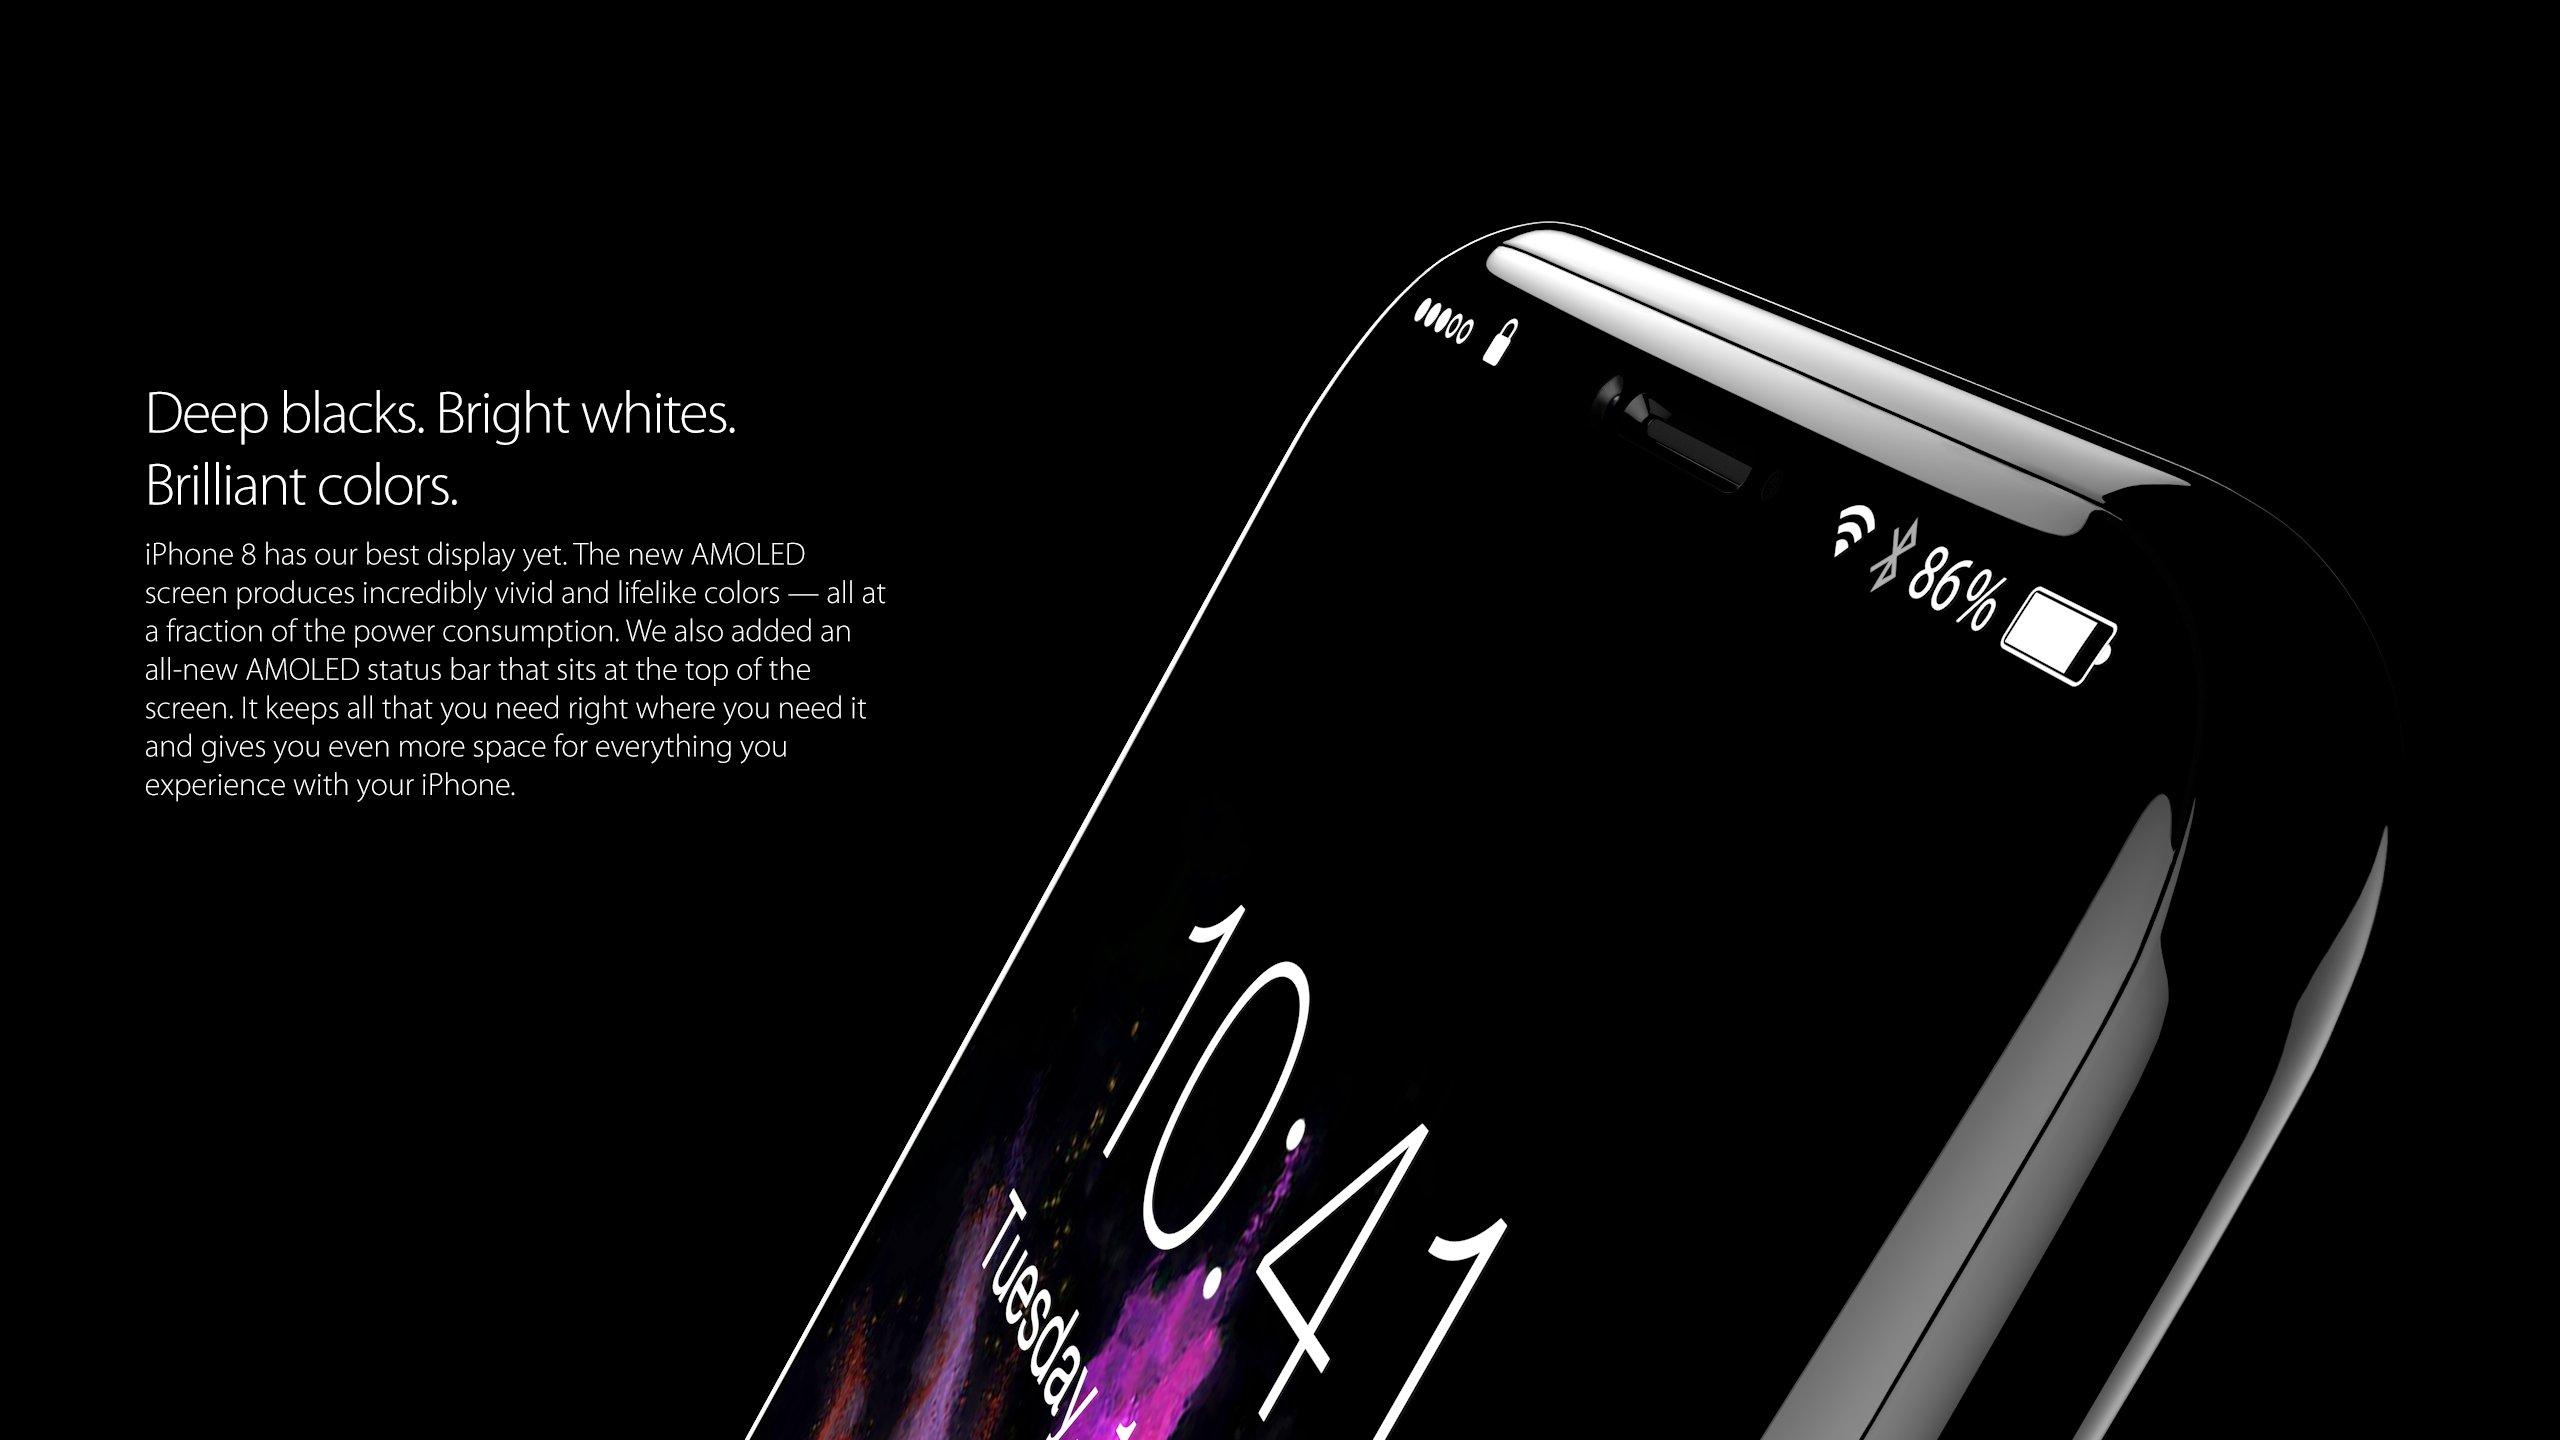 Apfel iphone 8